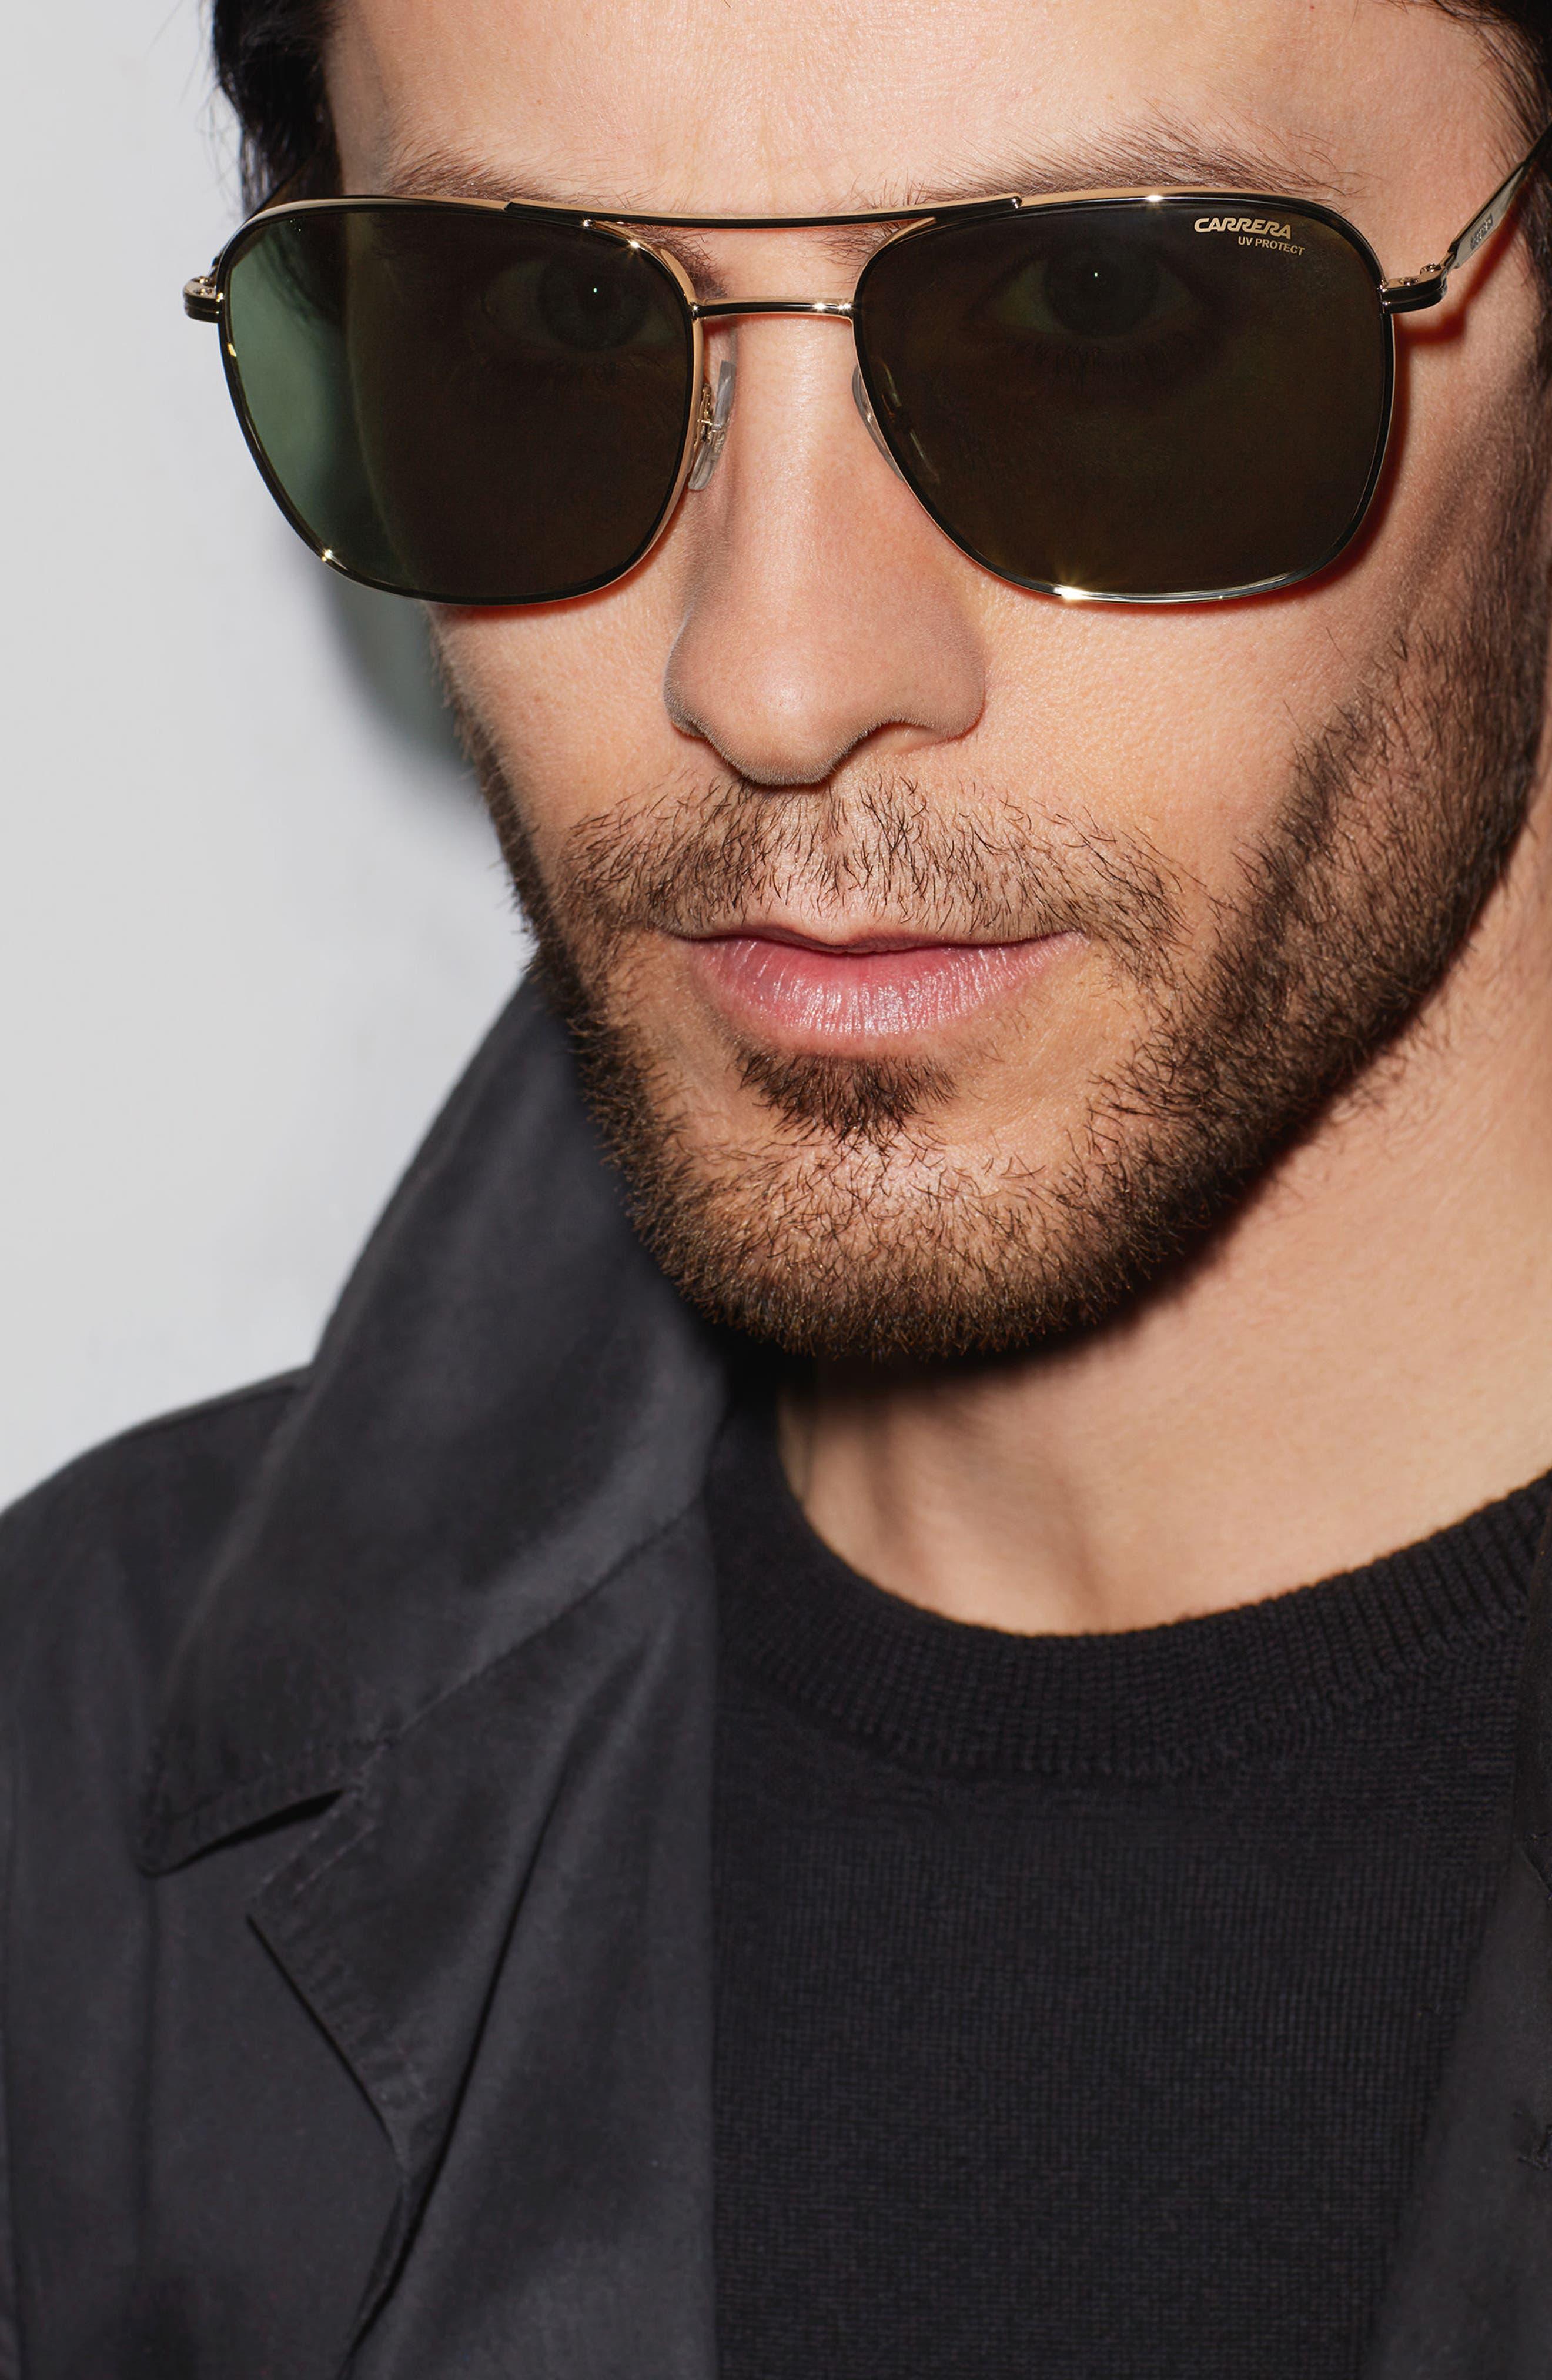 Alternate Image 2  - Carrera Eyewear 58m Polarized Sunglasses